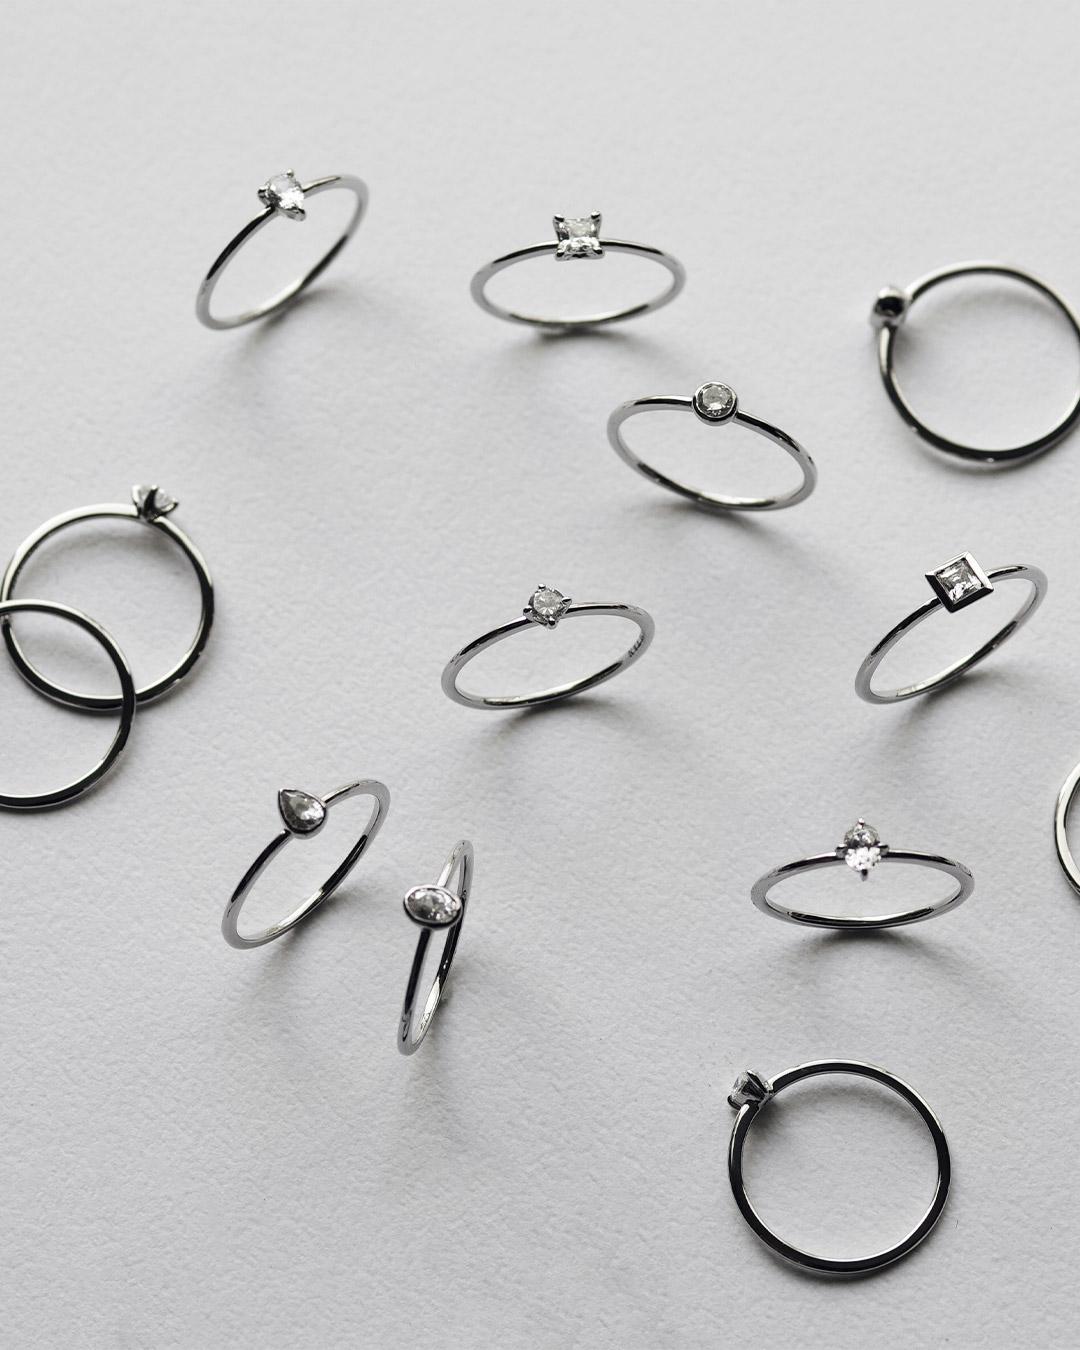 高品質でリーズナブルな婚約指輪